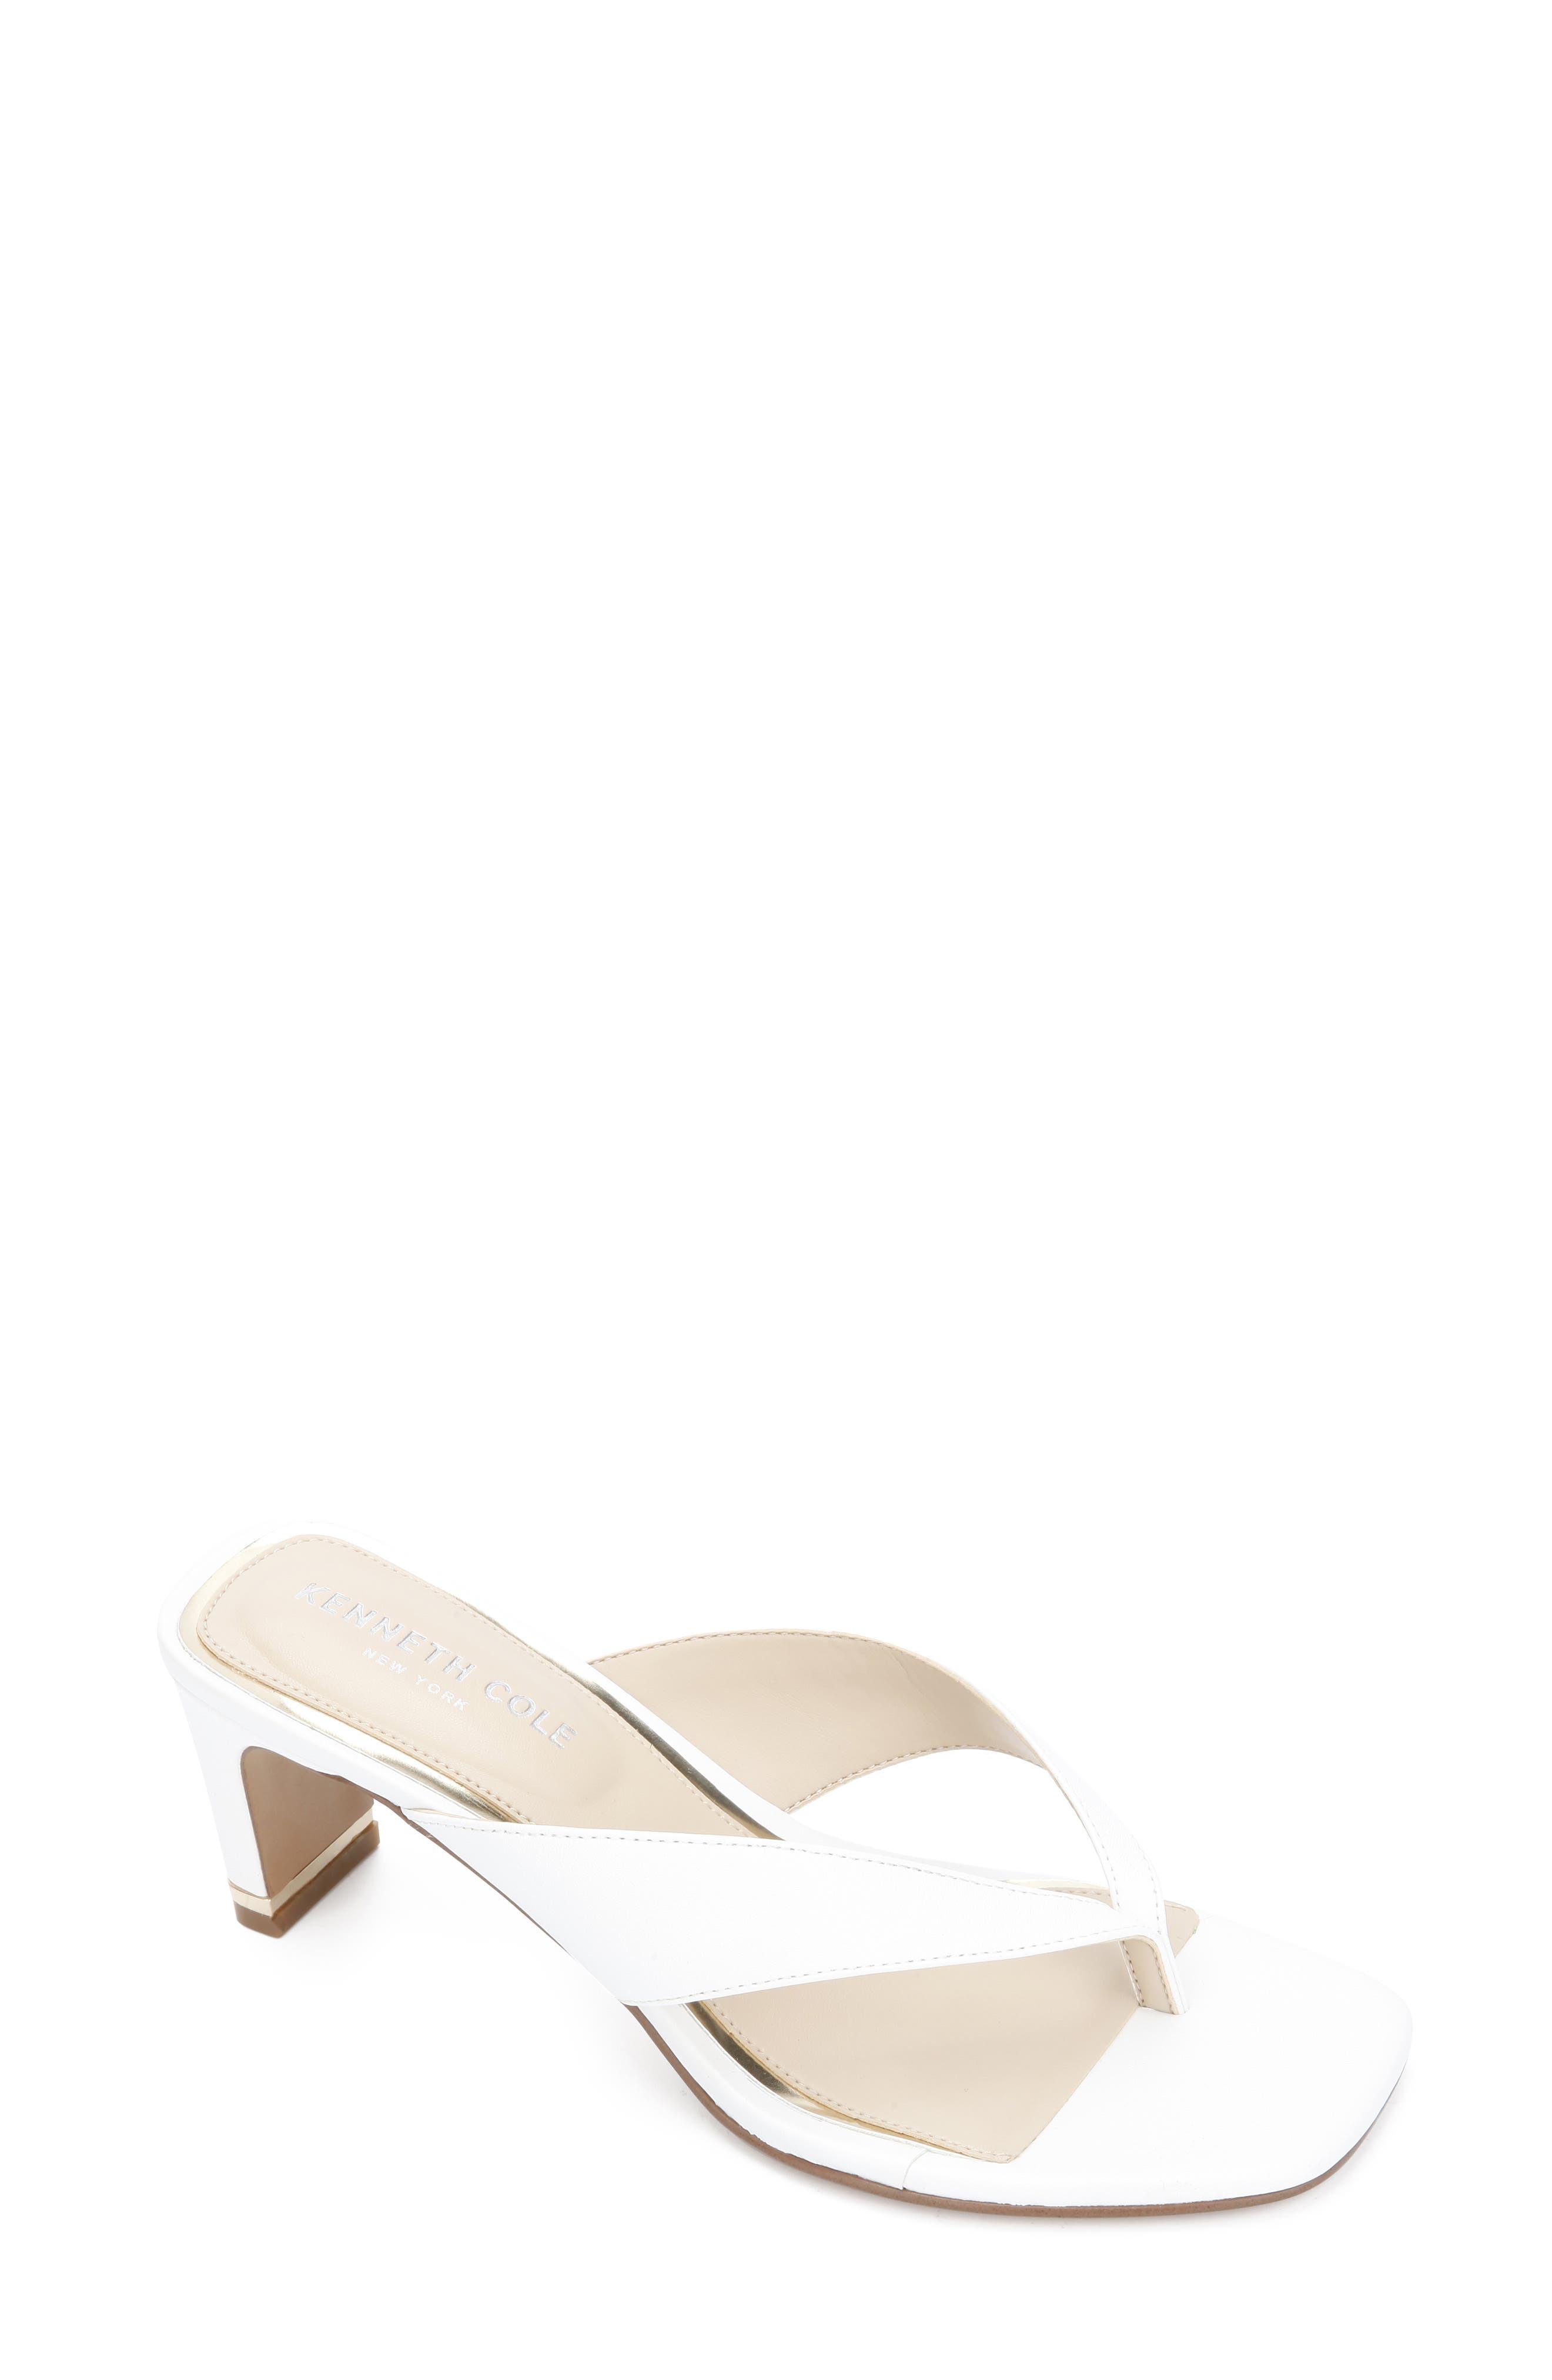 Macen Sandal